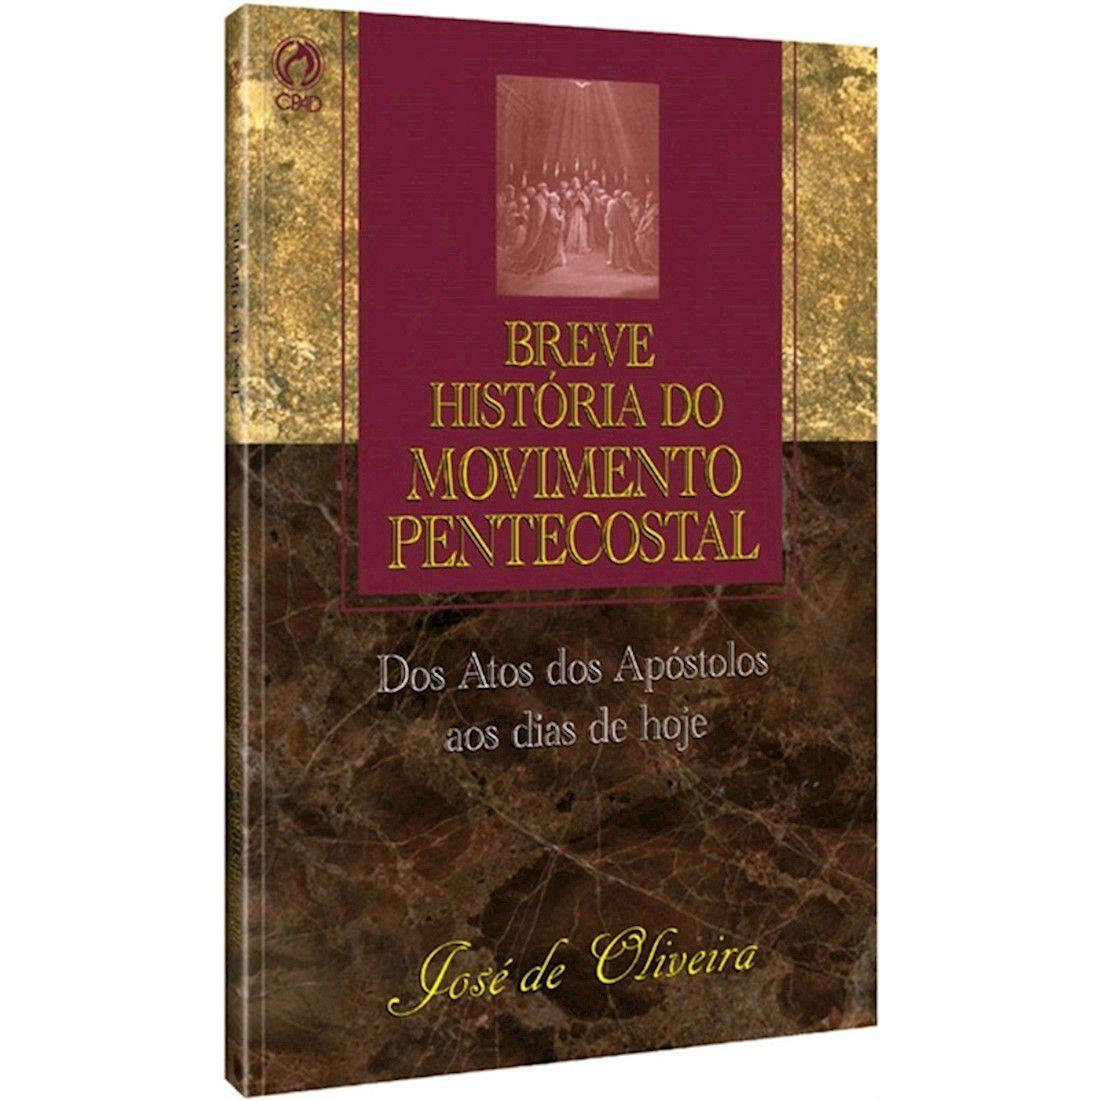 Livro Breve História do Movimento Pentecostal